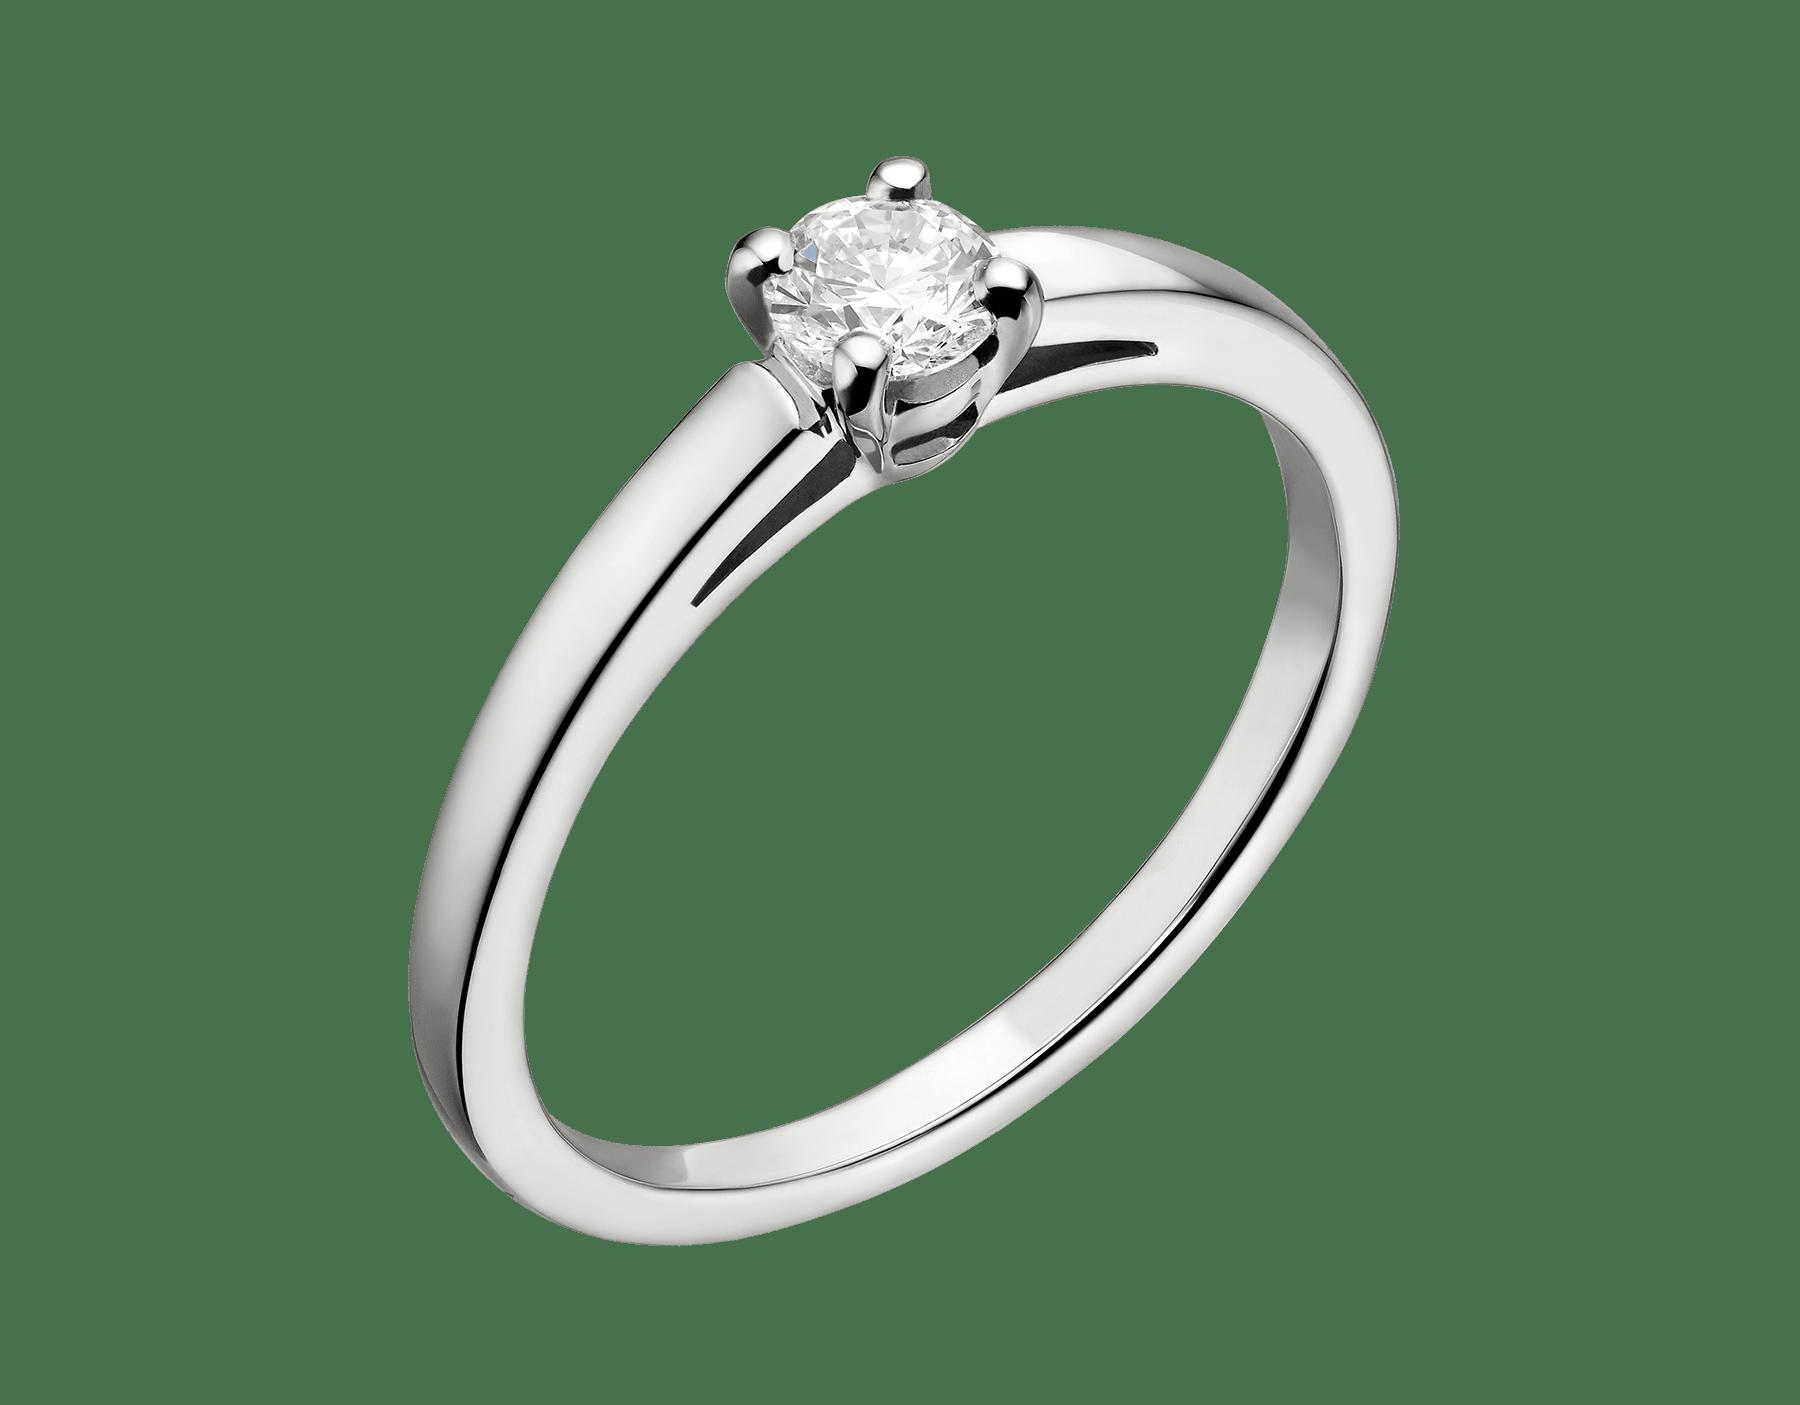 Anel solitário Griffe em platina com diamante lapidação brilhante redondo. Disponível a partir de 0,30ct. A incrustação clássica permite ao diamante solitário exprimir toda sua beleza e pureza. 327796 image 1